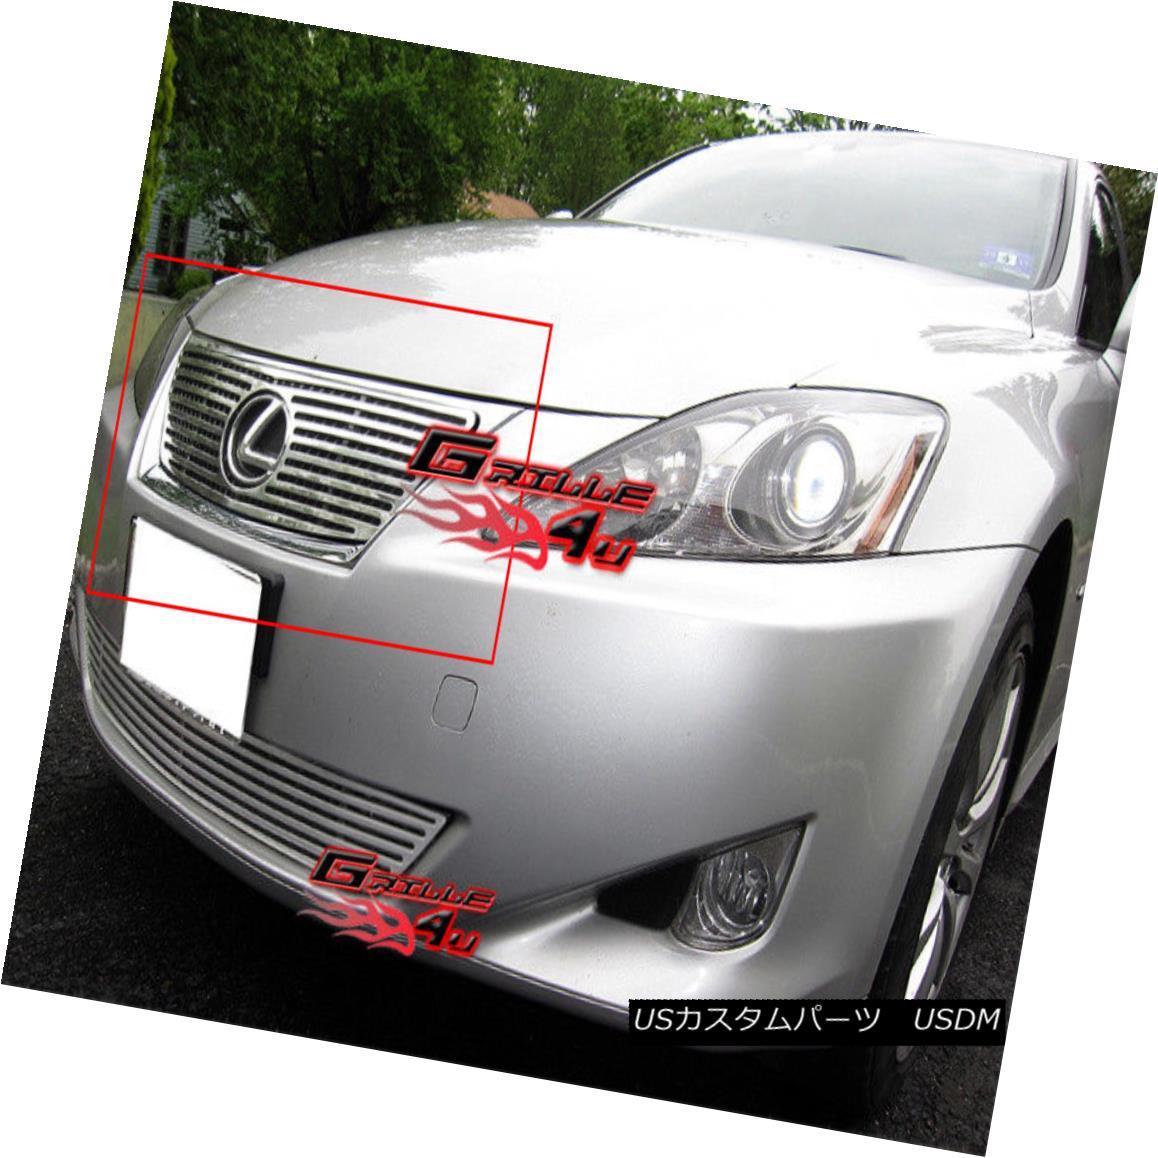 グリル Fits 2006-2008 Lexus IS250 IS350 Perimeter Grille Insert 2006-2008 Lexus IS250 IS350ペリメーターグリルインサート